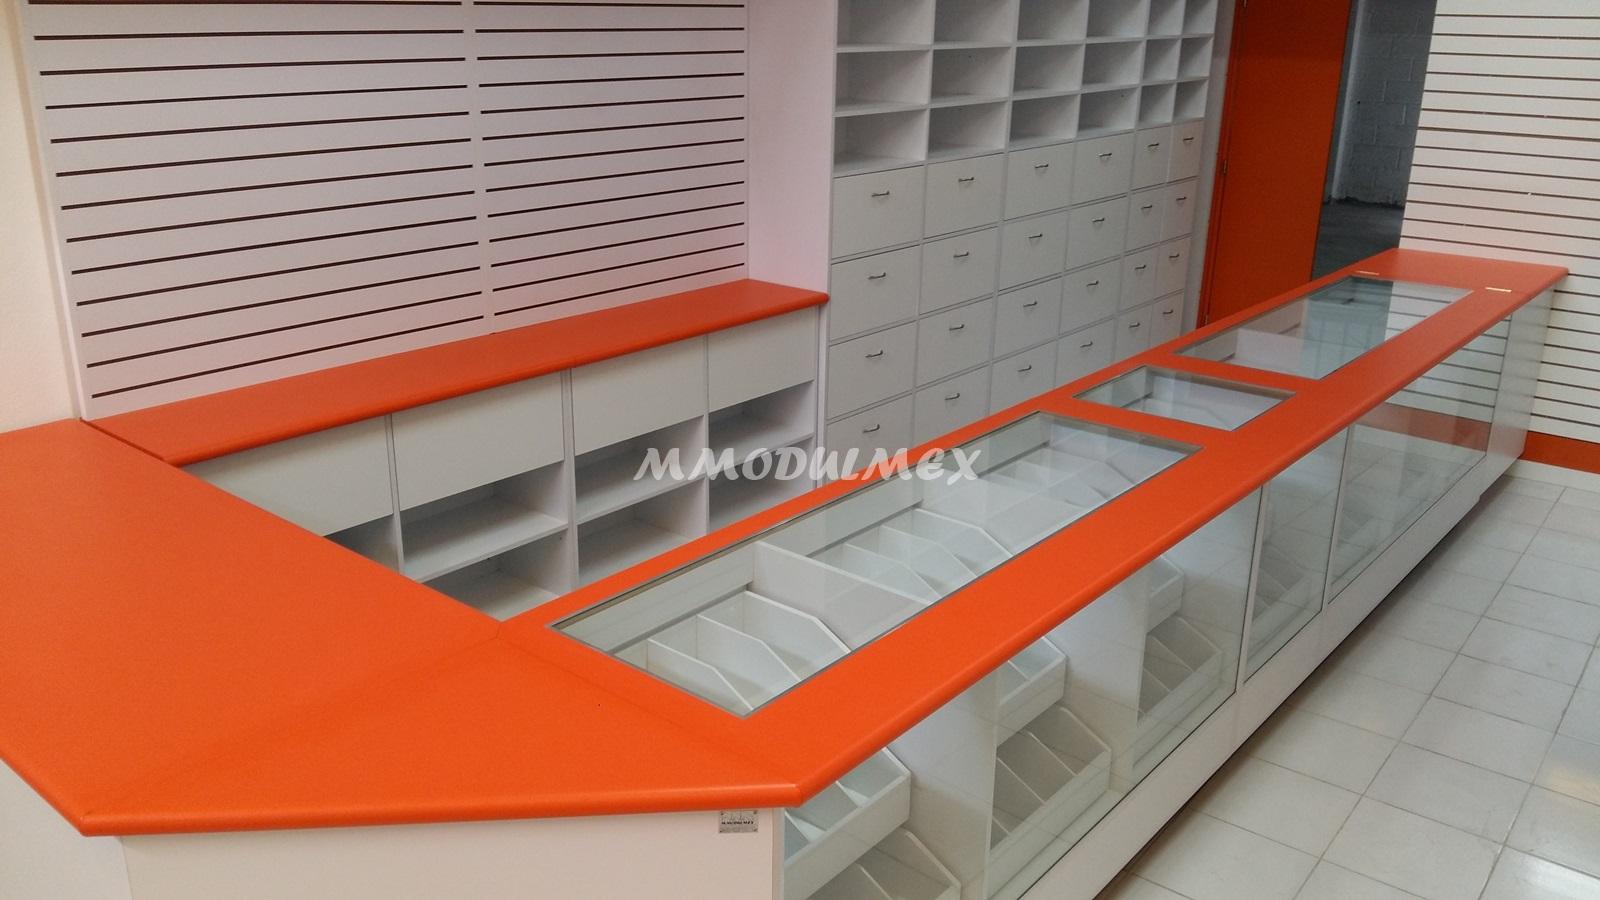 Mostradores y vitrinas para papeler as farmacias tiendas for Muebles para farmacia